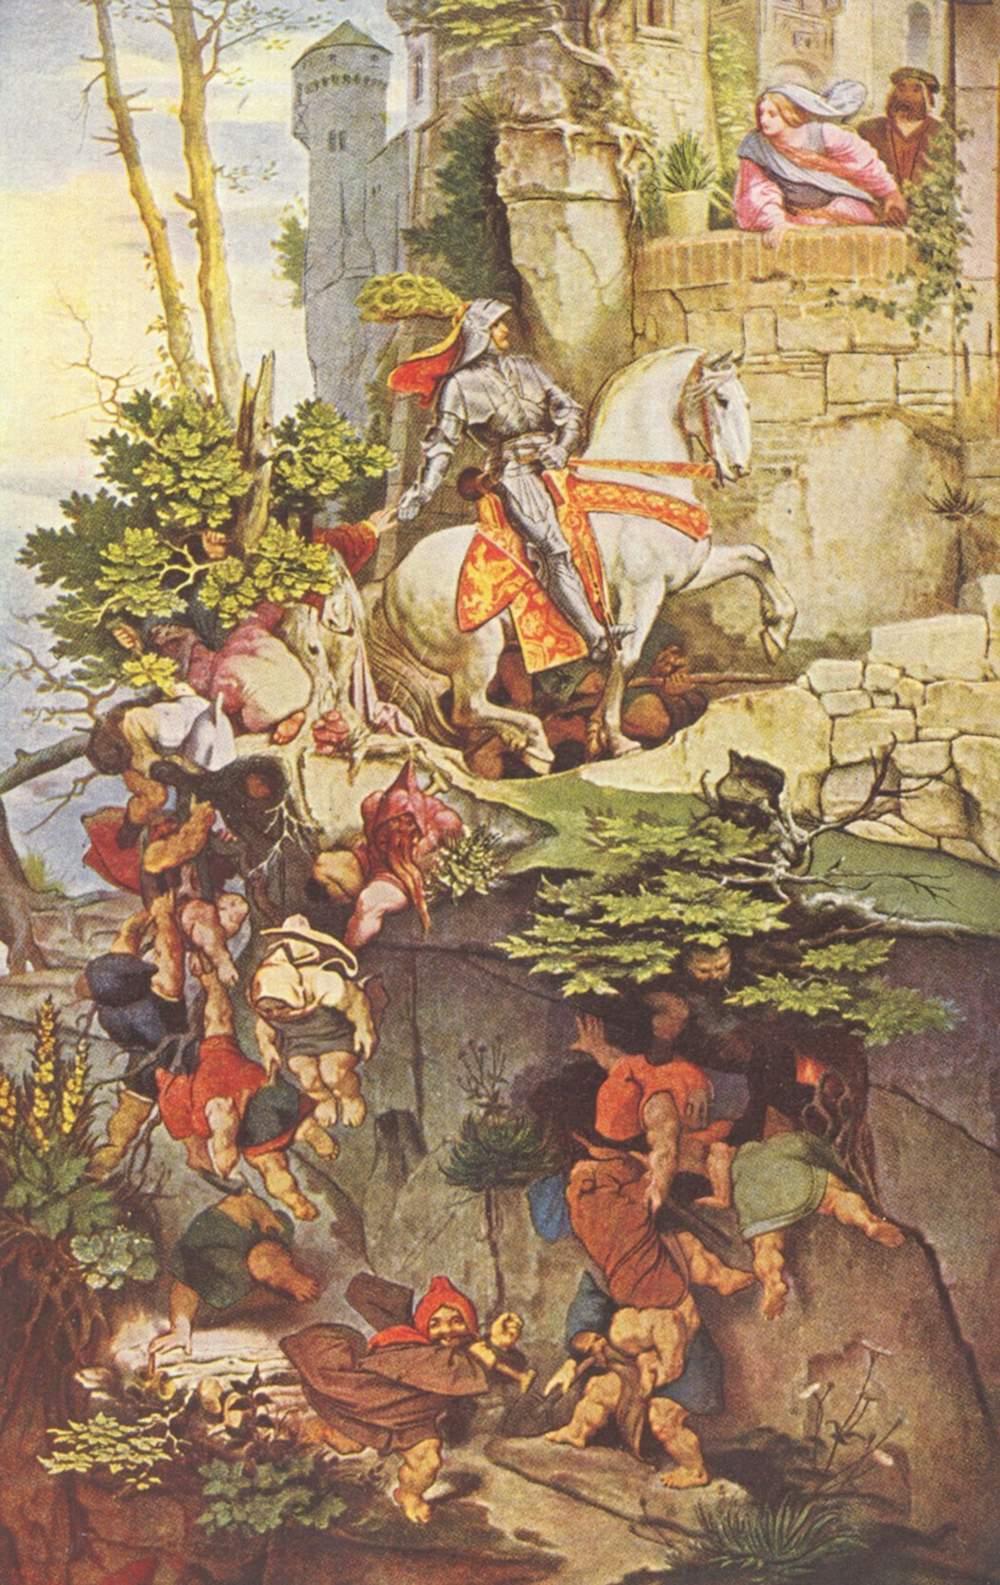 Gnostic Gnomes - Zwergenlieder